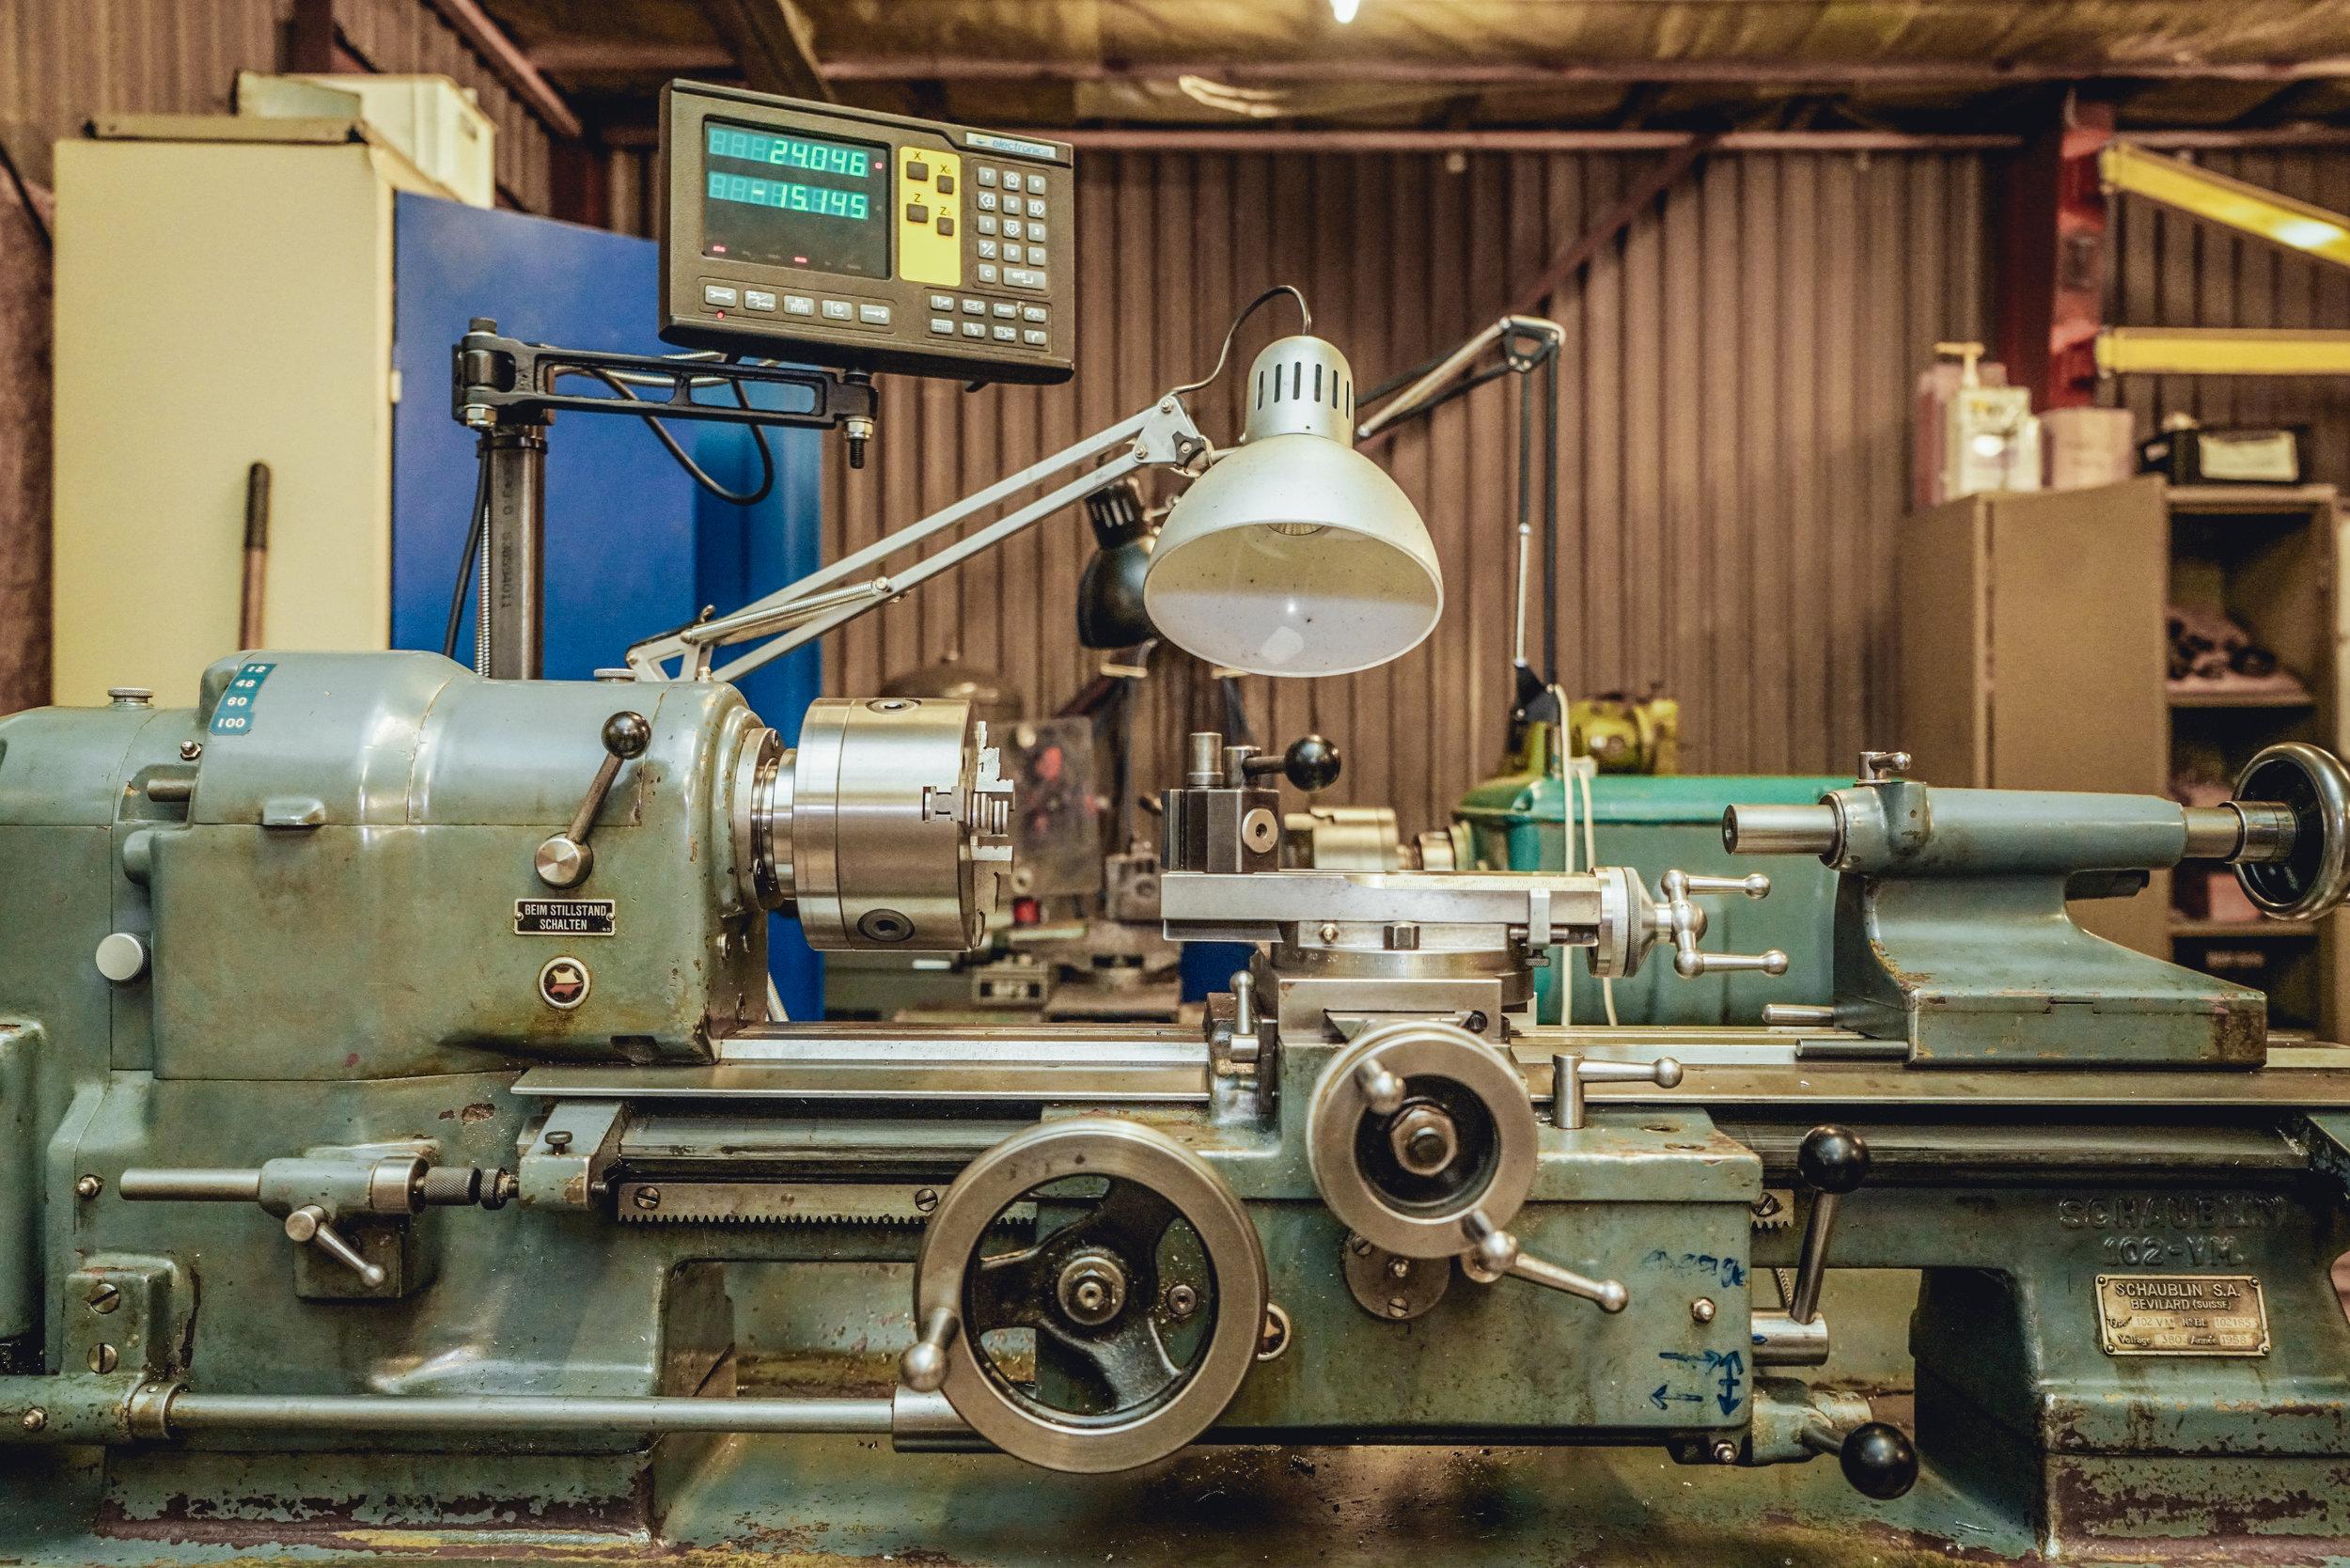 Copenhagen Suborbitals machine